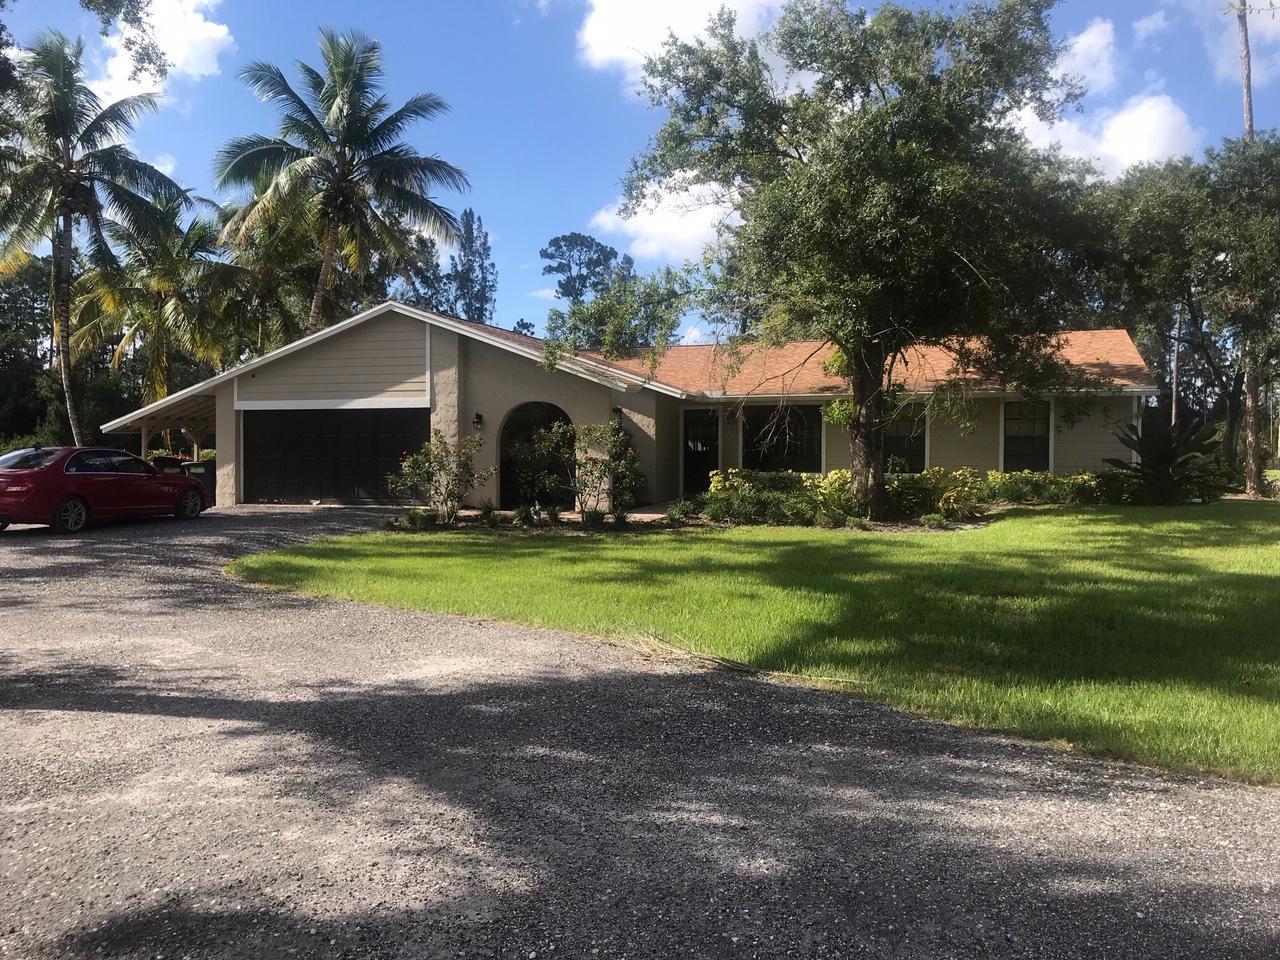 Loxahatchee Groves, Florida 33470, 3 Bedrooms Bedrooms, ,2 BathroomsBathrooms,Rental,For Rent,D,RX-10577369